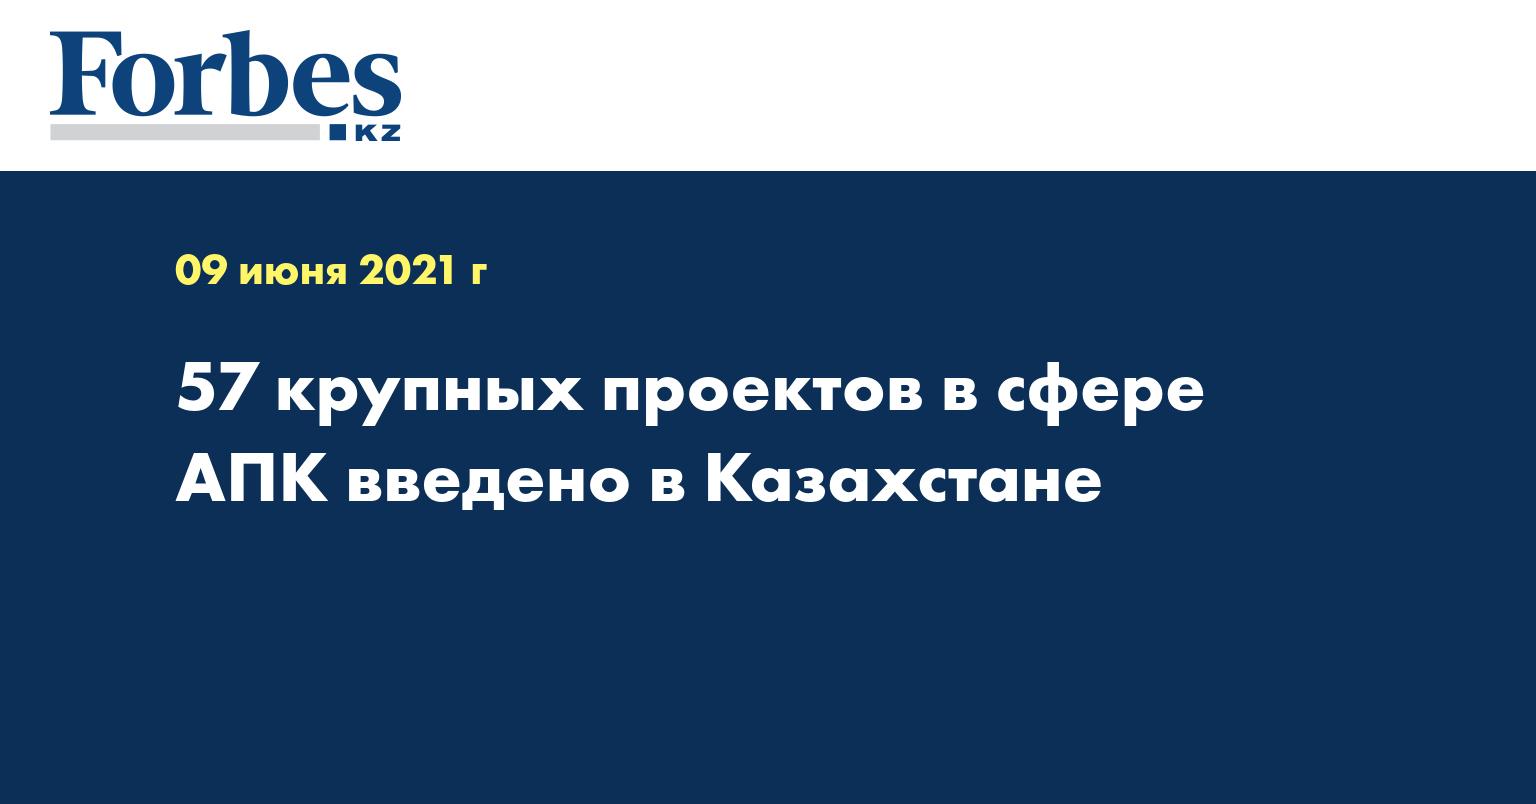 57 крупных проектов в сфере АПК введено в Казахстане